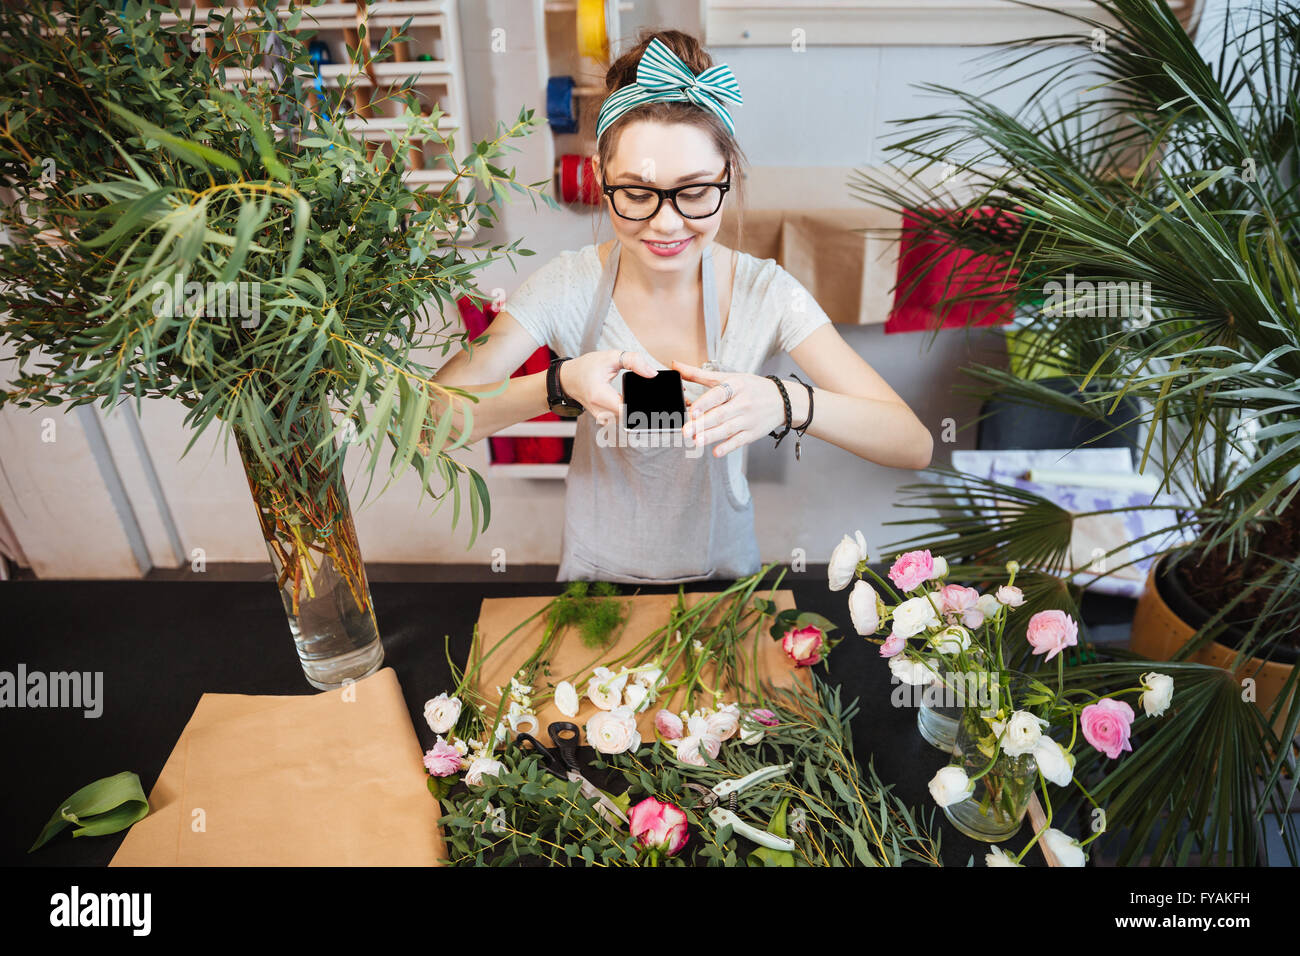 Gerne schöne junge Frau, die das Fotografieren von Blumen am Tisch im shop Stockbild